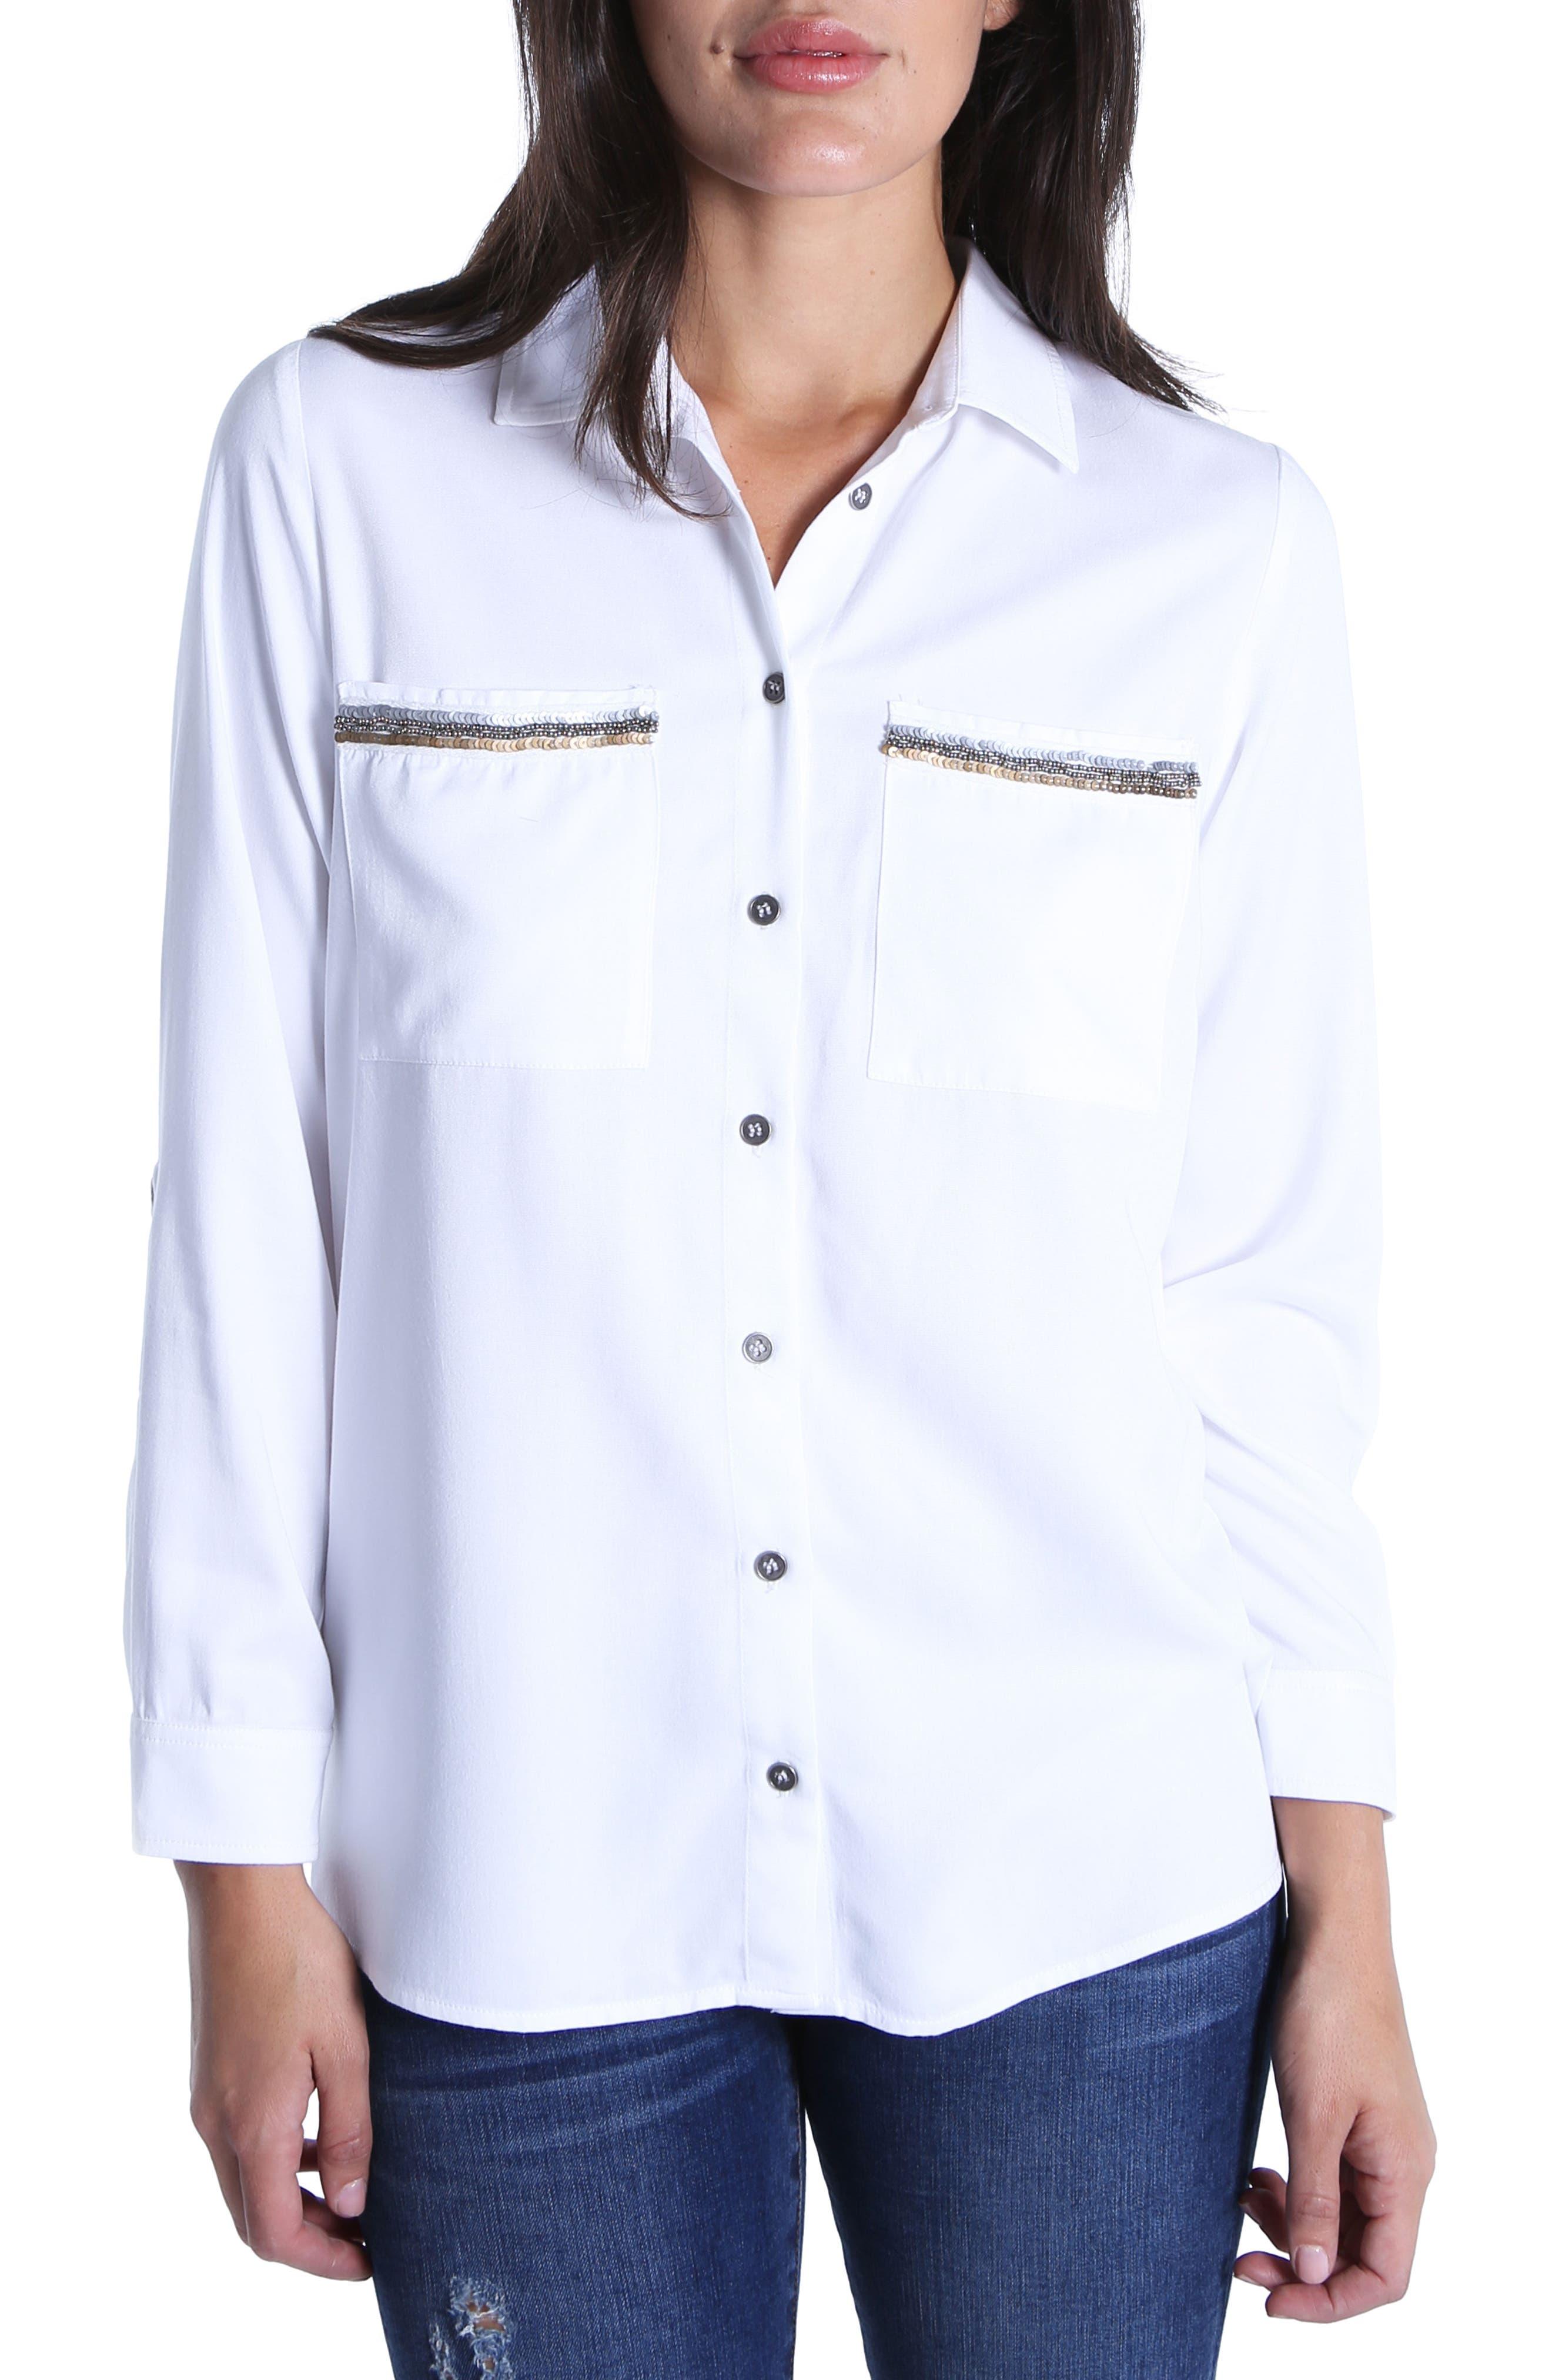 Danny Sequin Pocket Shirt,                         Main,                         color, 100